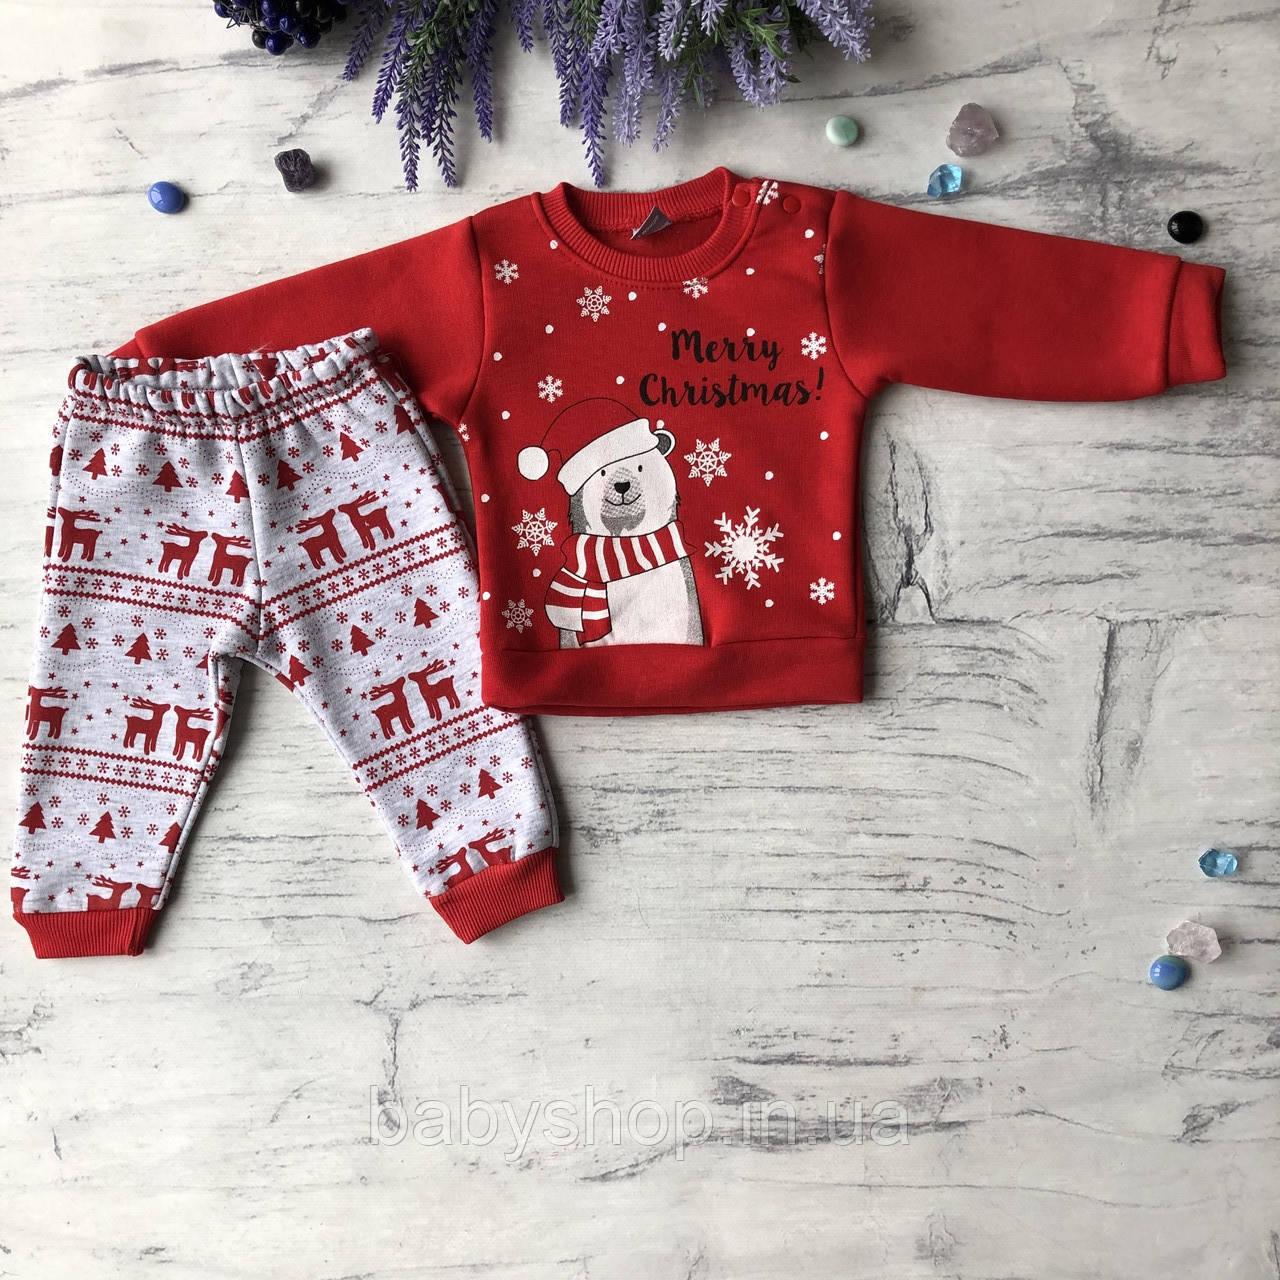 Теплый костюм новогодний на мальчика и девочку 10. Размер 68 см,  74 см